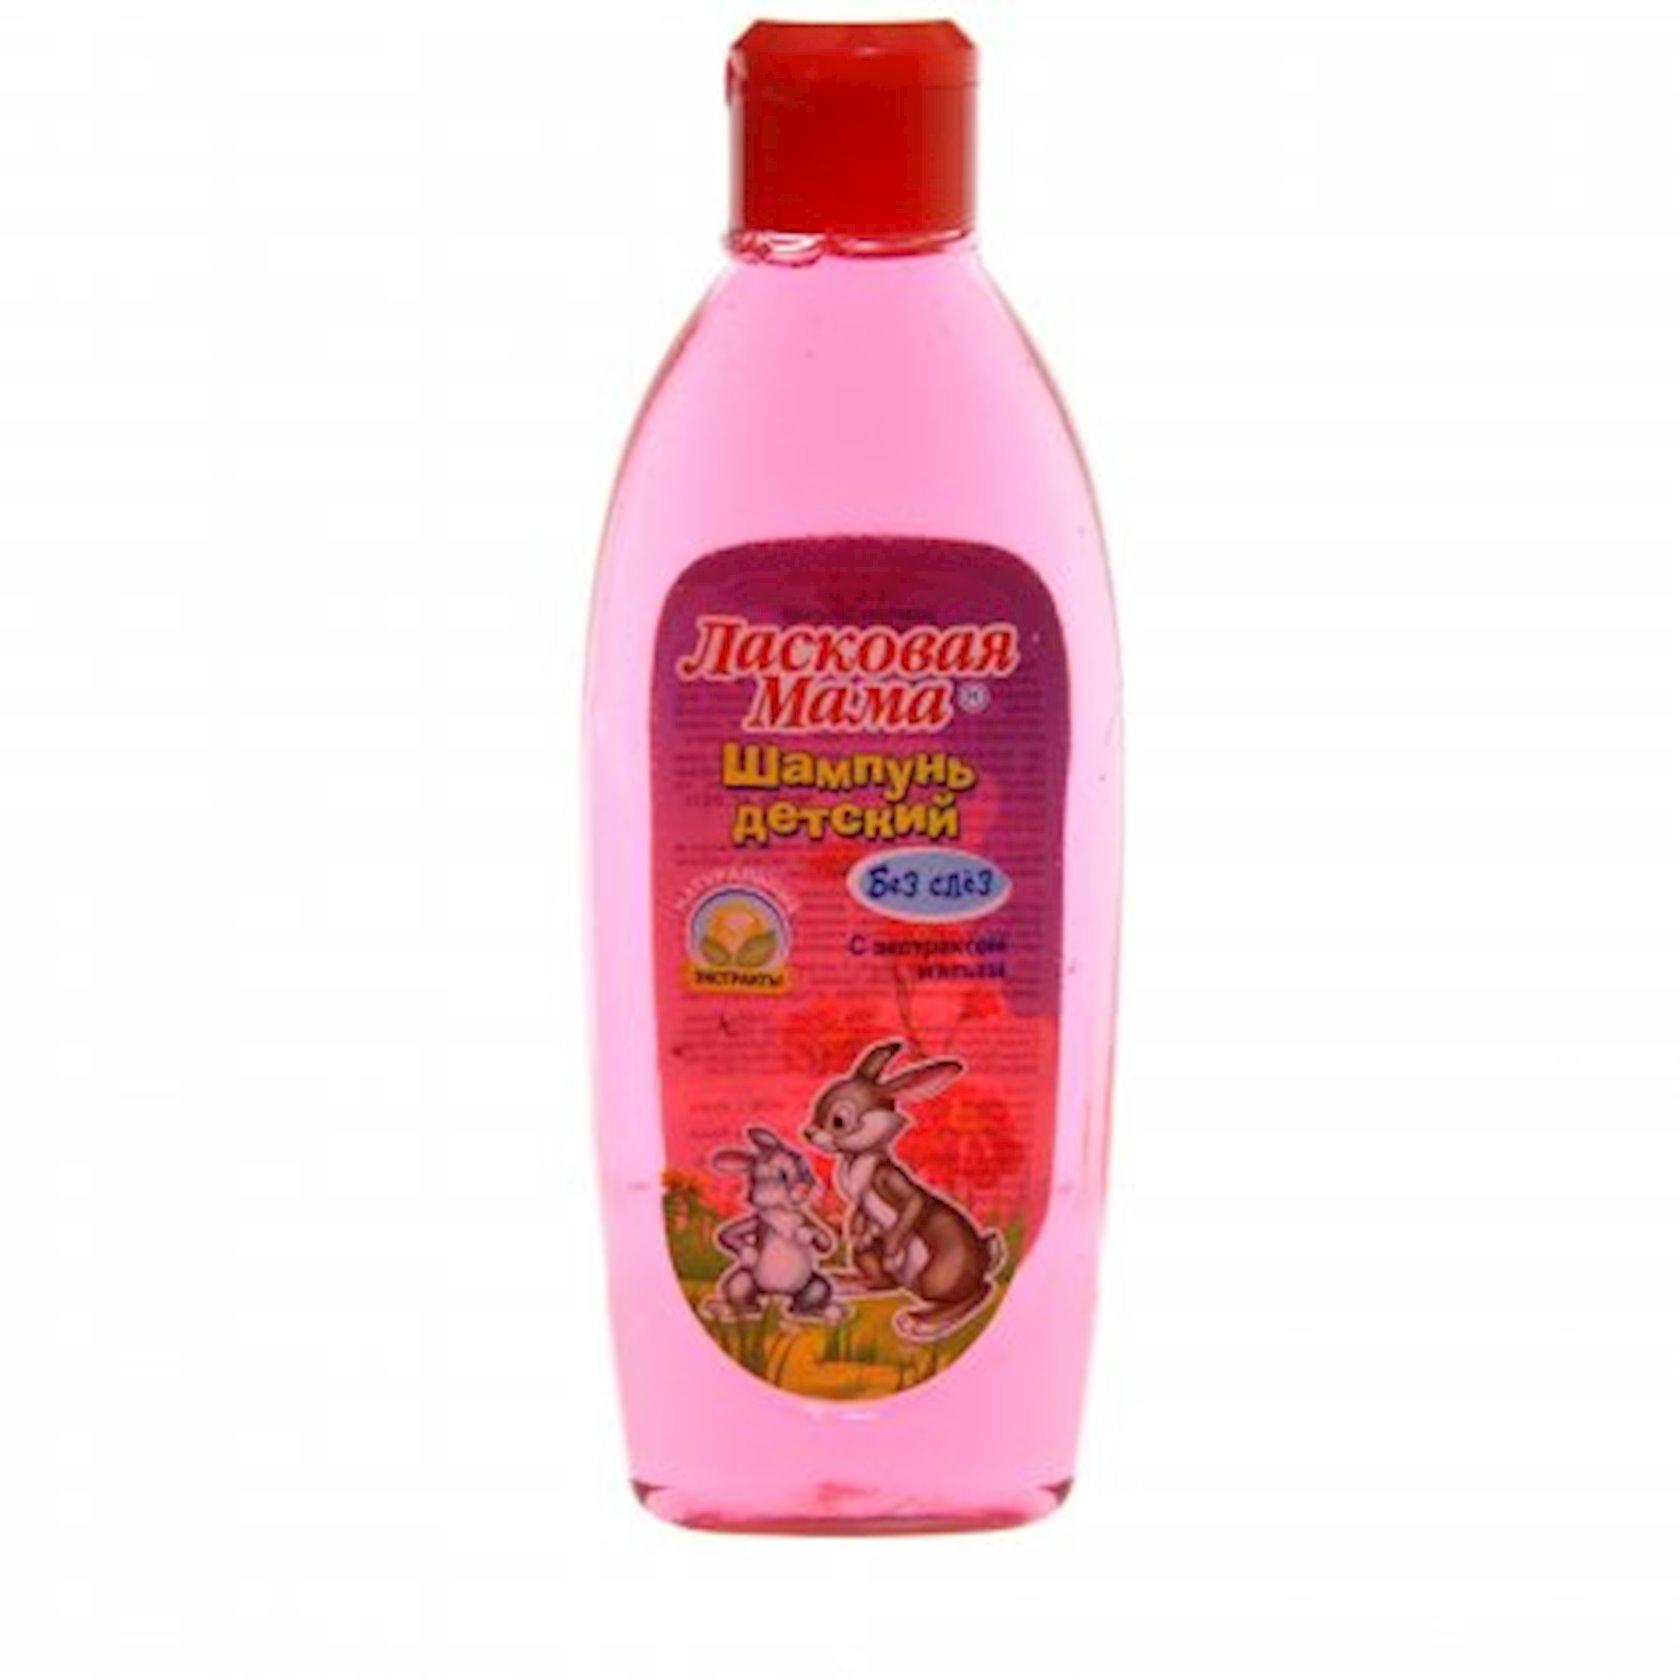 Şampun Ласковая мама əməköməci cövhəri ilə, 250 ml